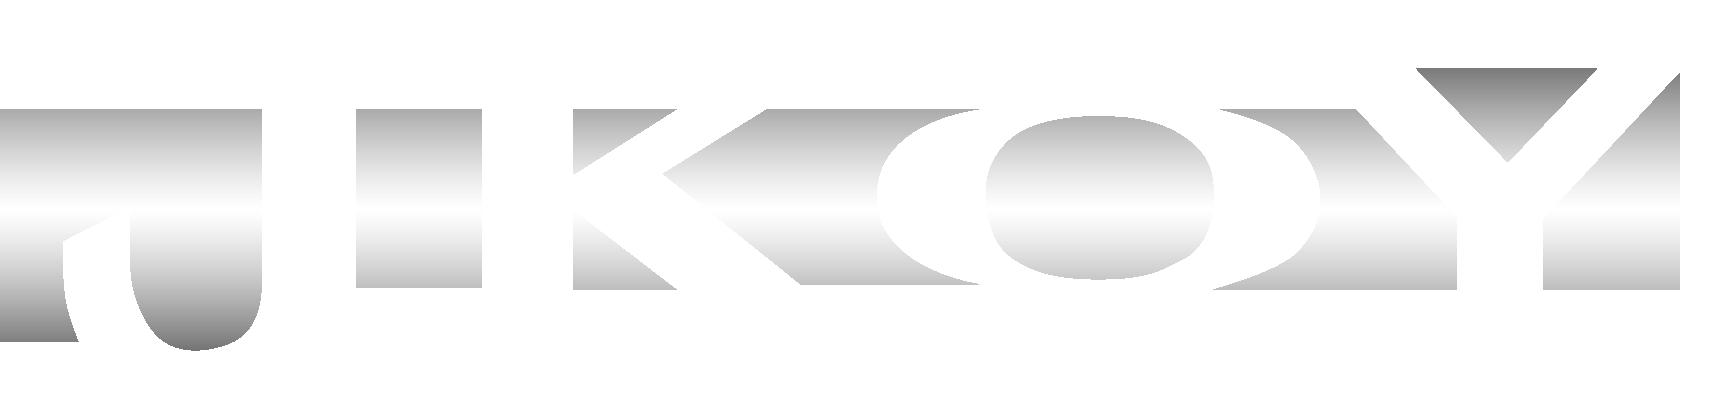 jkoy_logo_2015_2